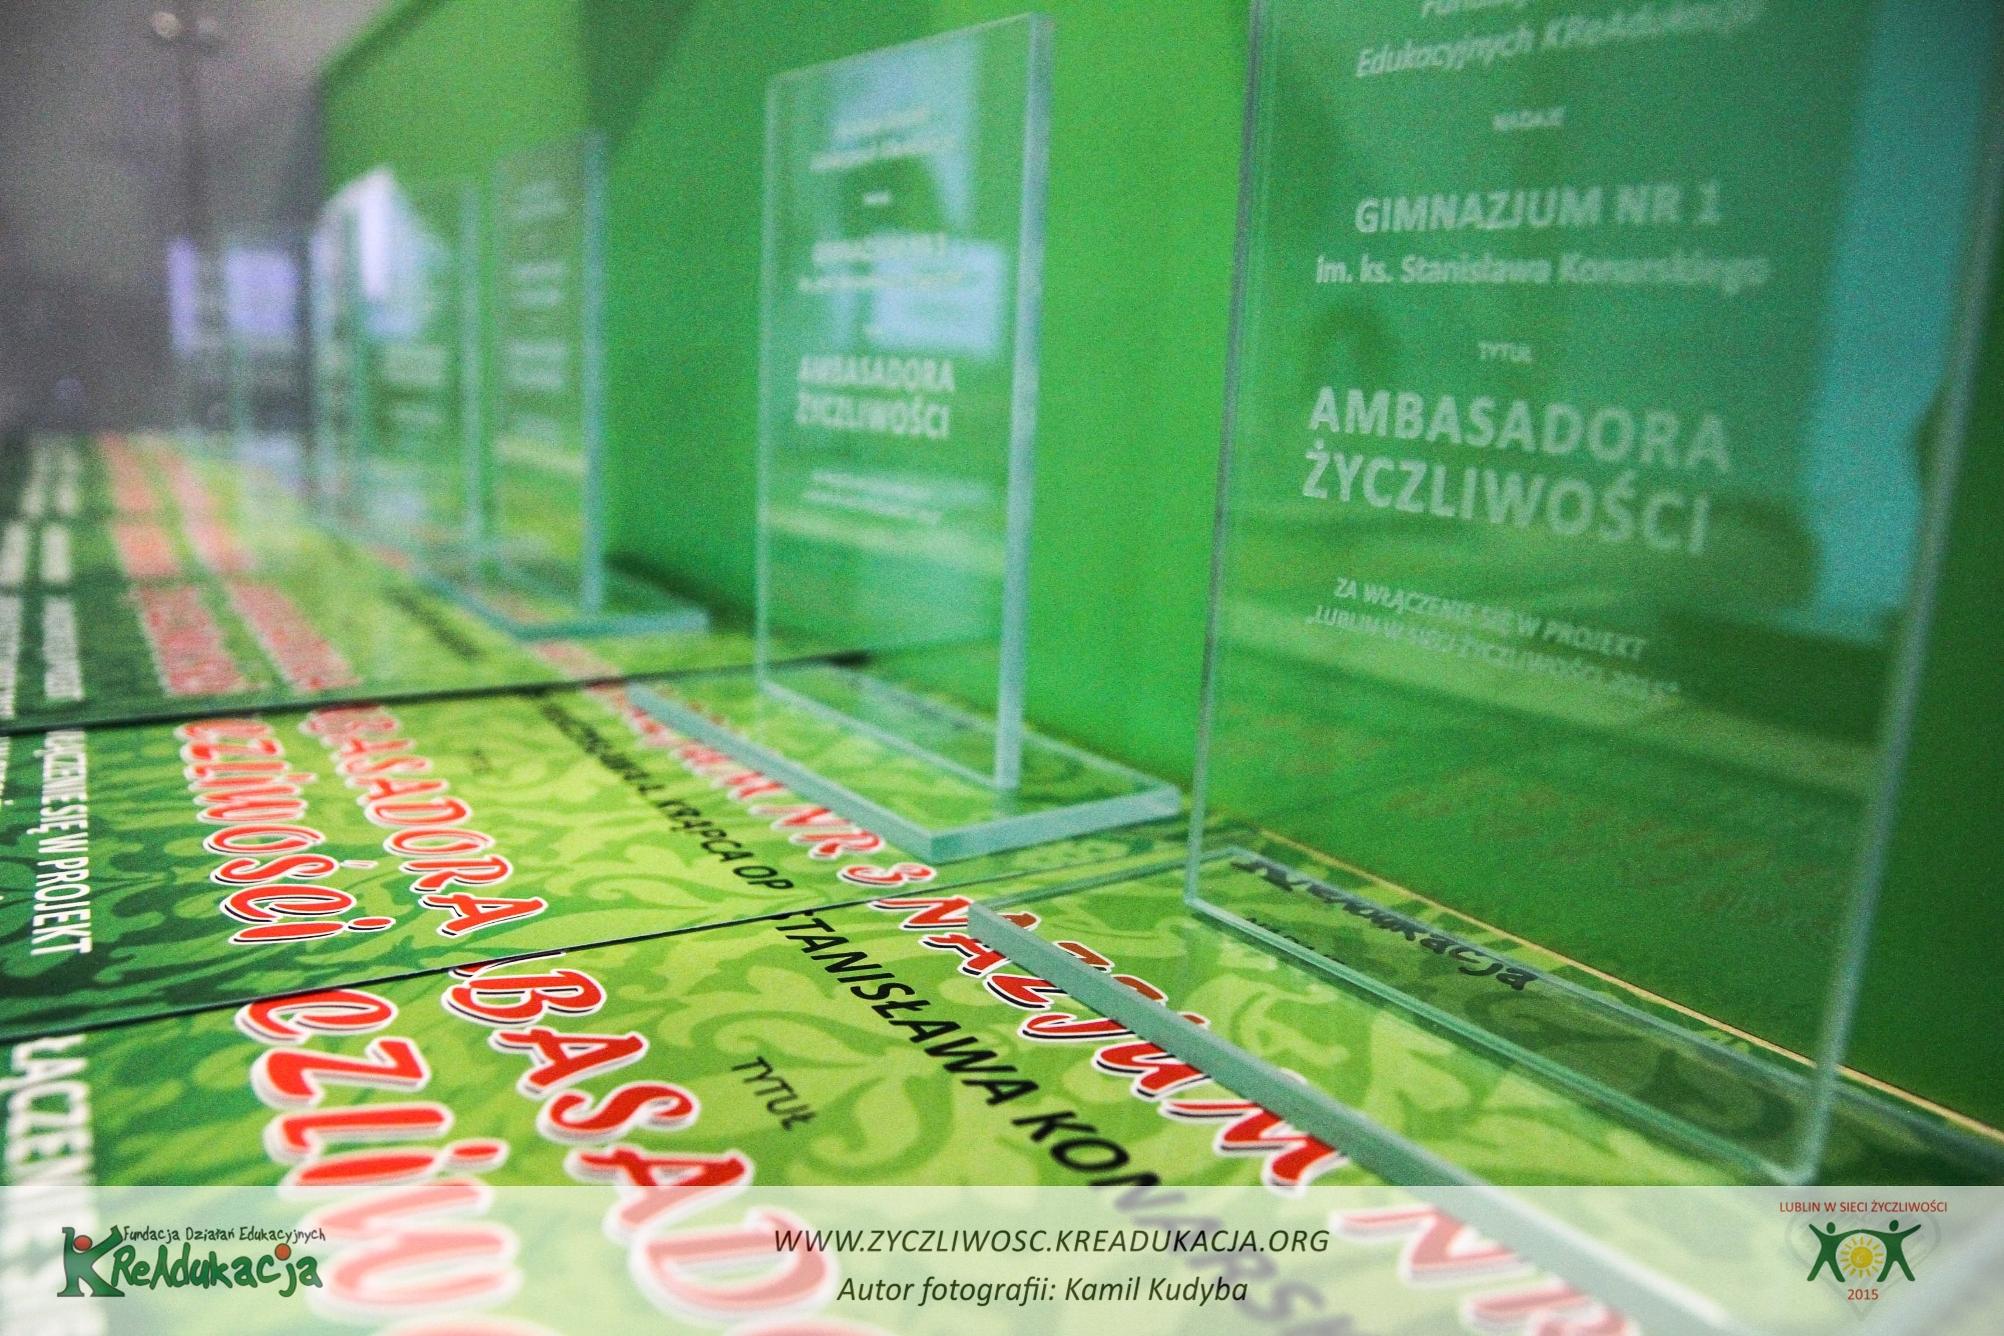 Konferencja Życzliwości 2015 [Fotorelacja] | Lublin w sieci życzliwości 2015